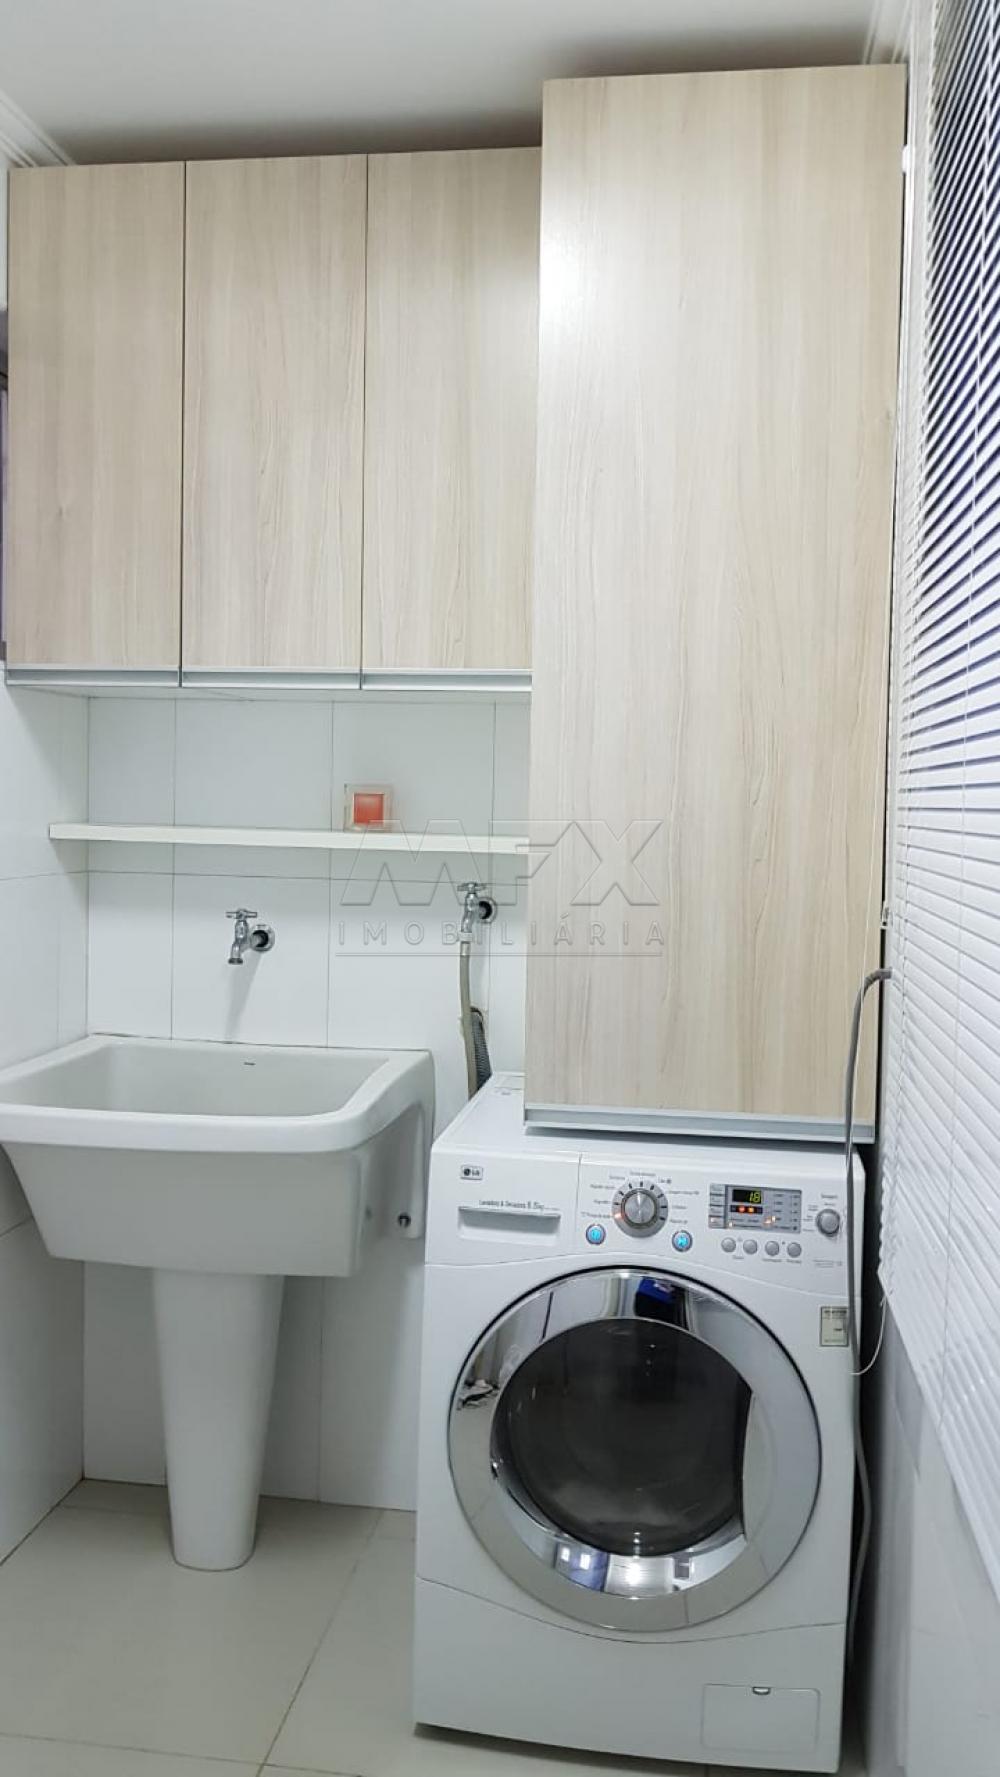 Comprar Apartamento / Padrão em Bauru R$ 750.000,00 - Foto 7